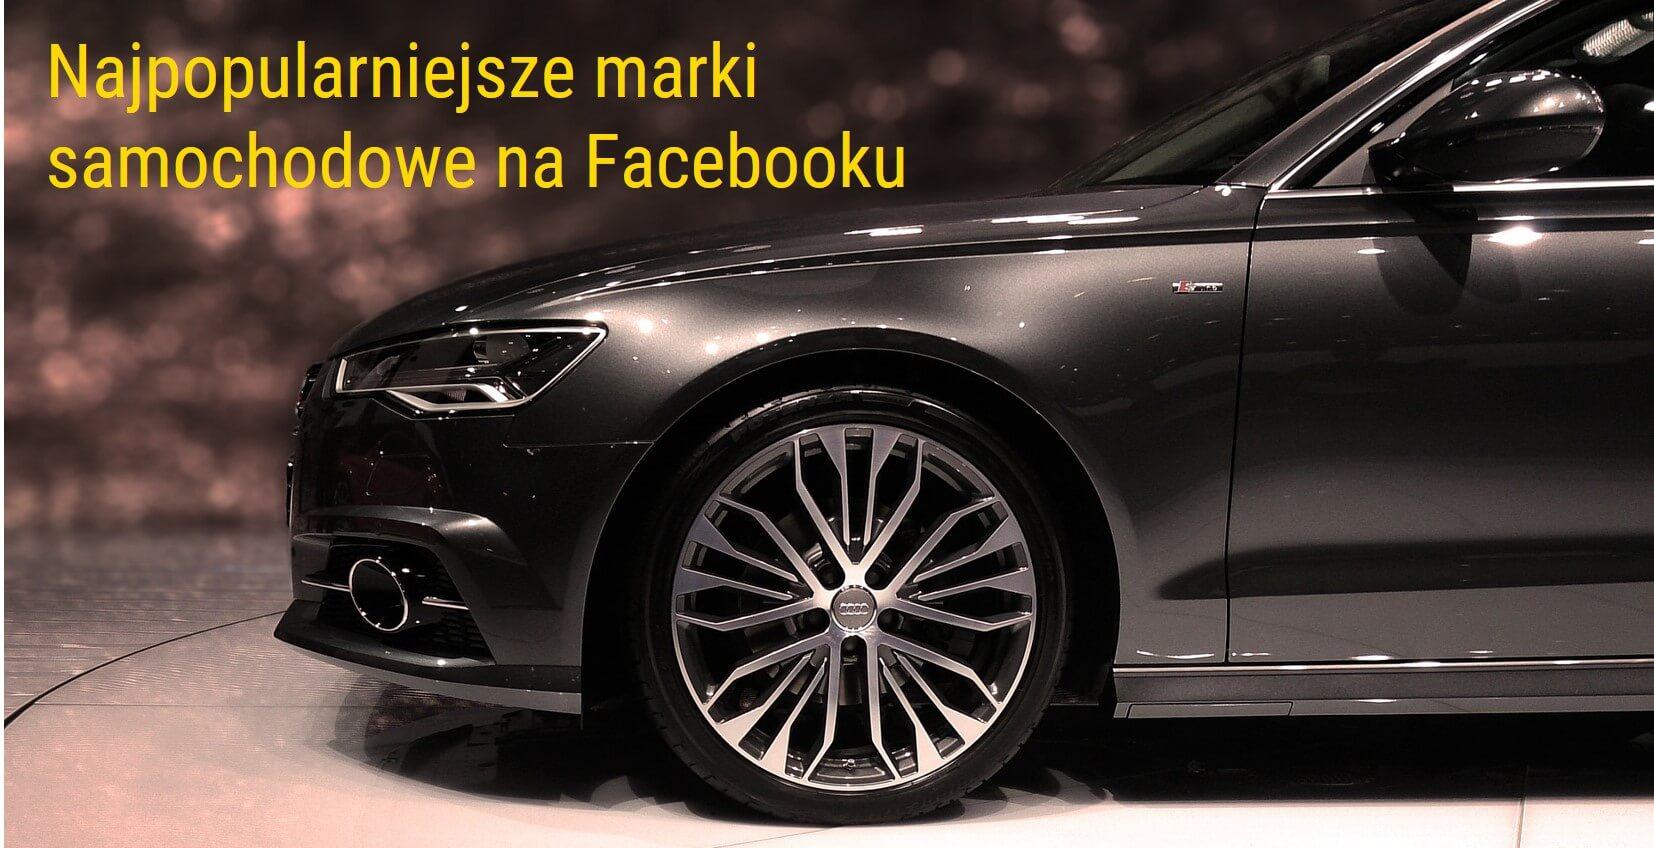 ranking najpopularniejszych marek motoryzacyjnych na Facebooku w Polsce